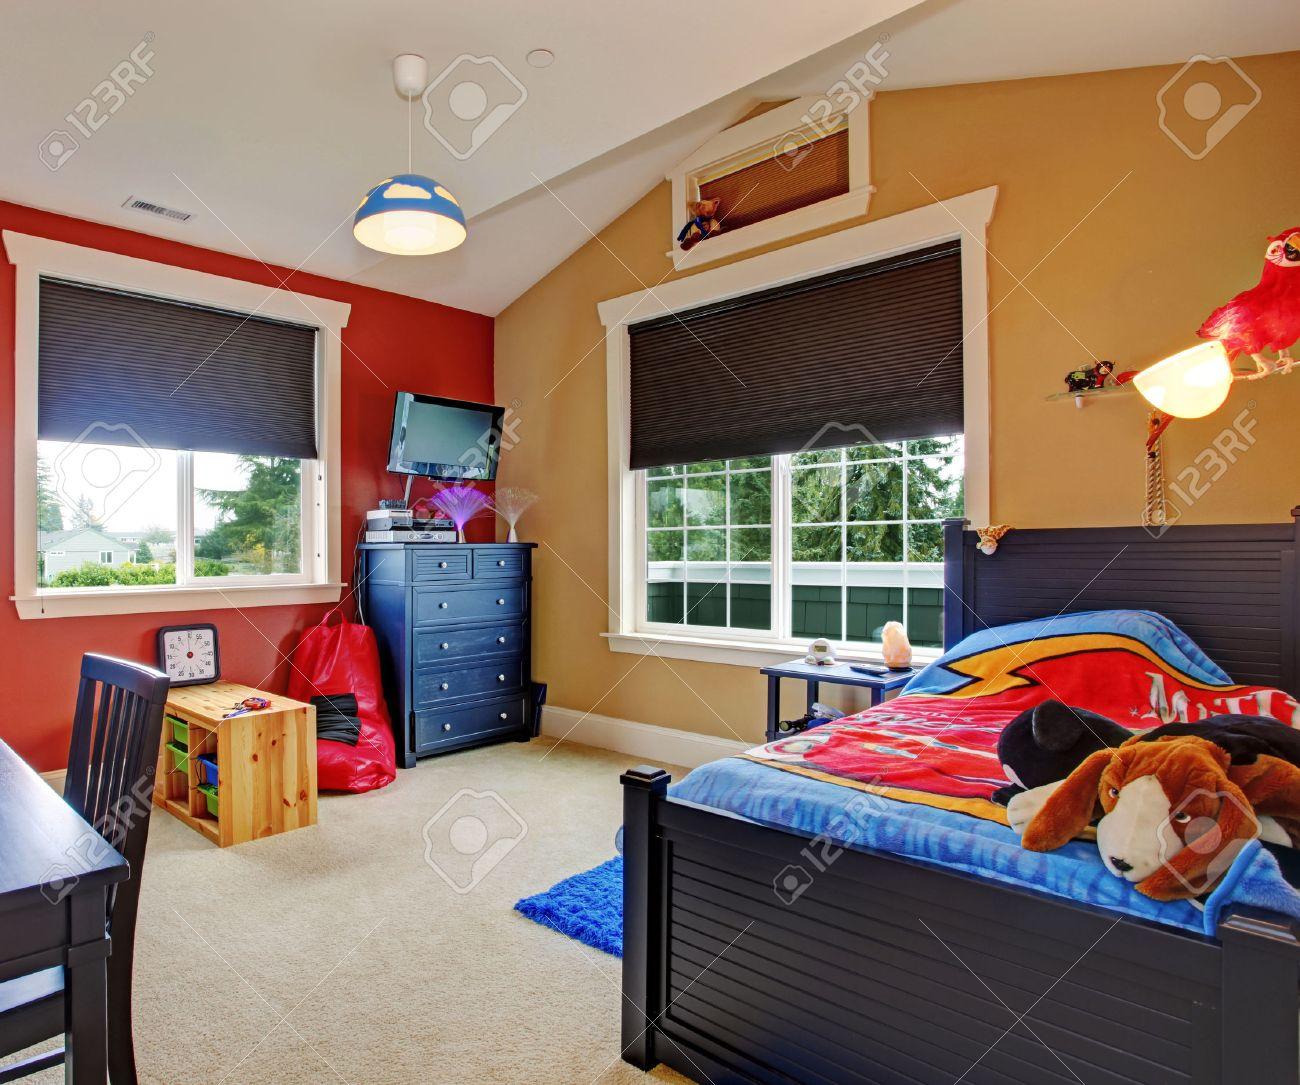 Colorful chambre des enfants avec des murs beige et rouge. Meublé avec un  lit simple et un bureau